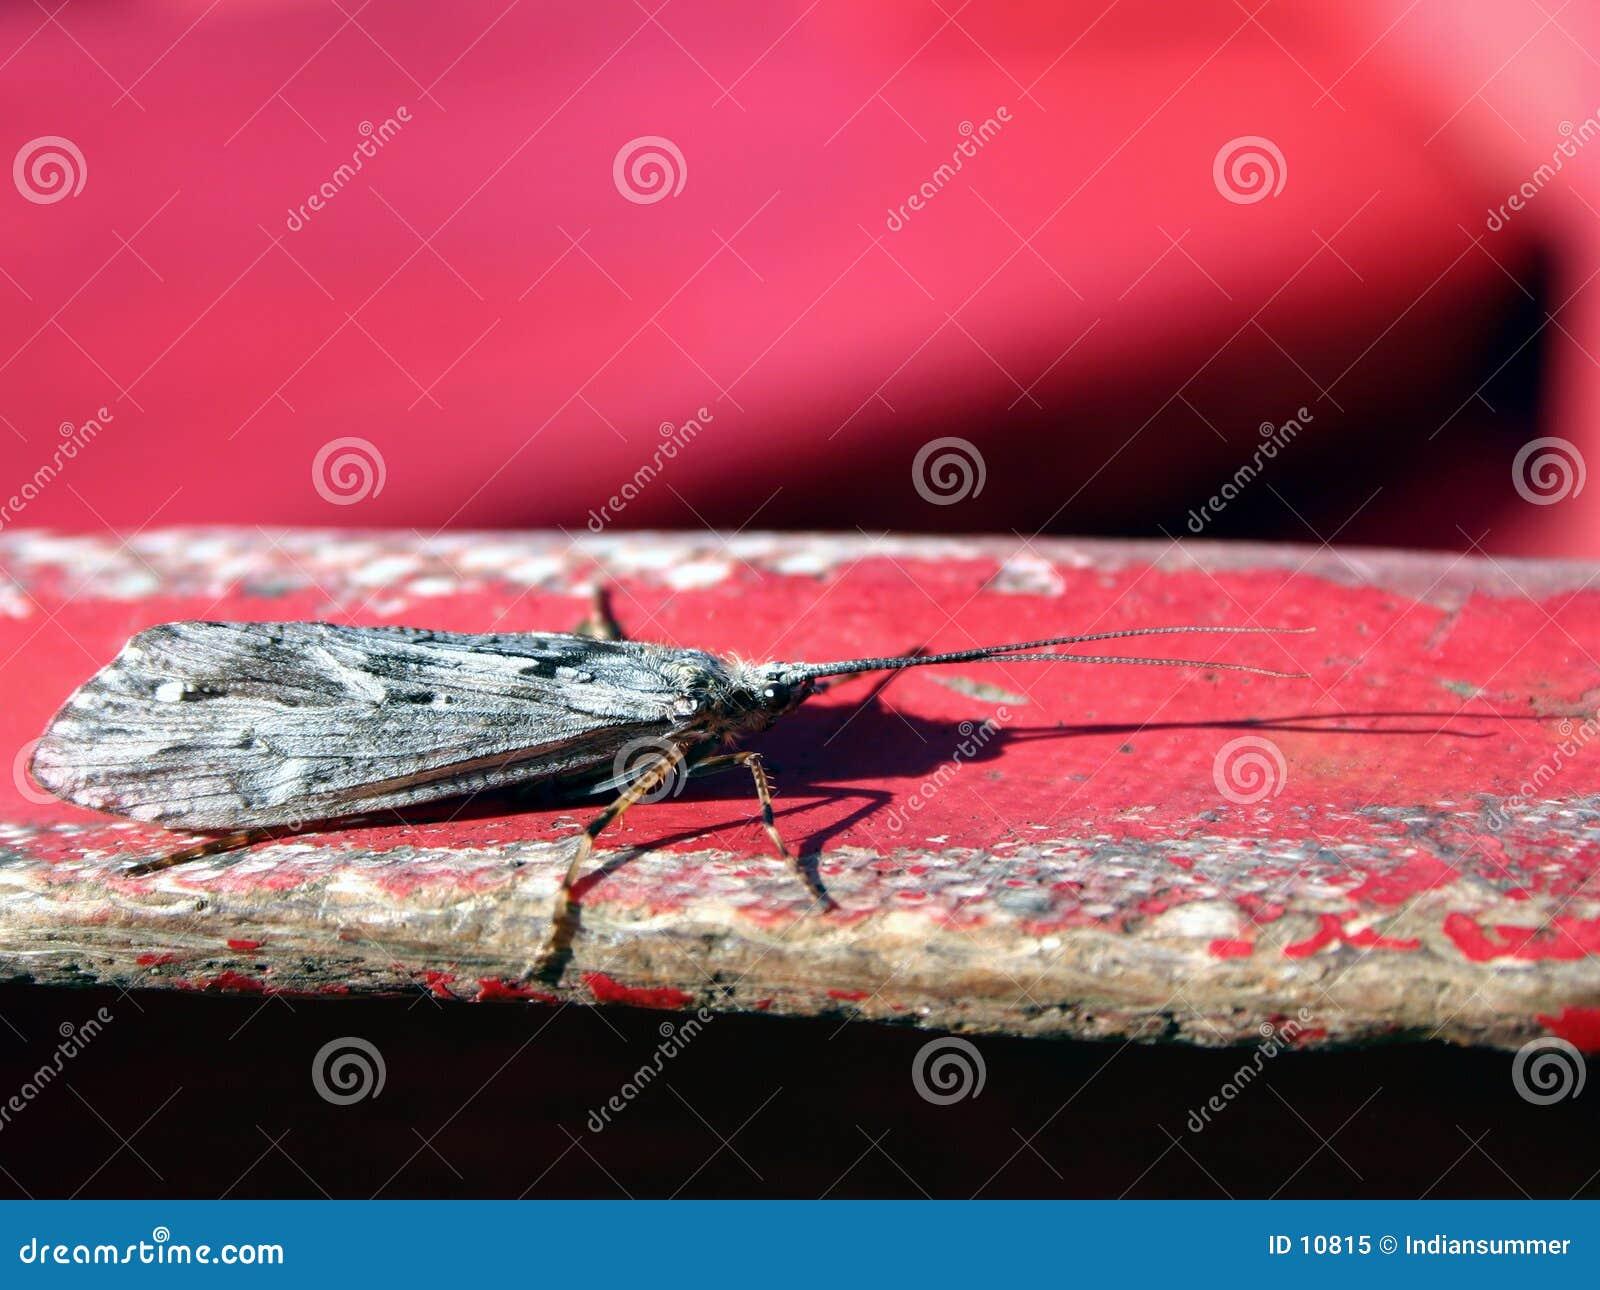 Bug s life III